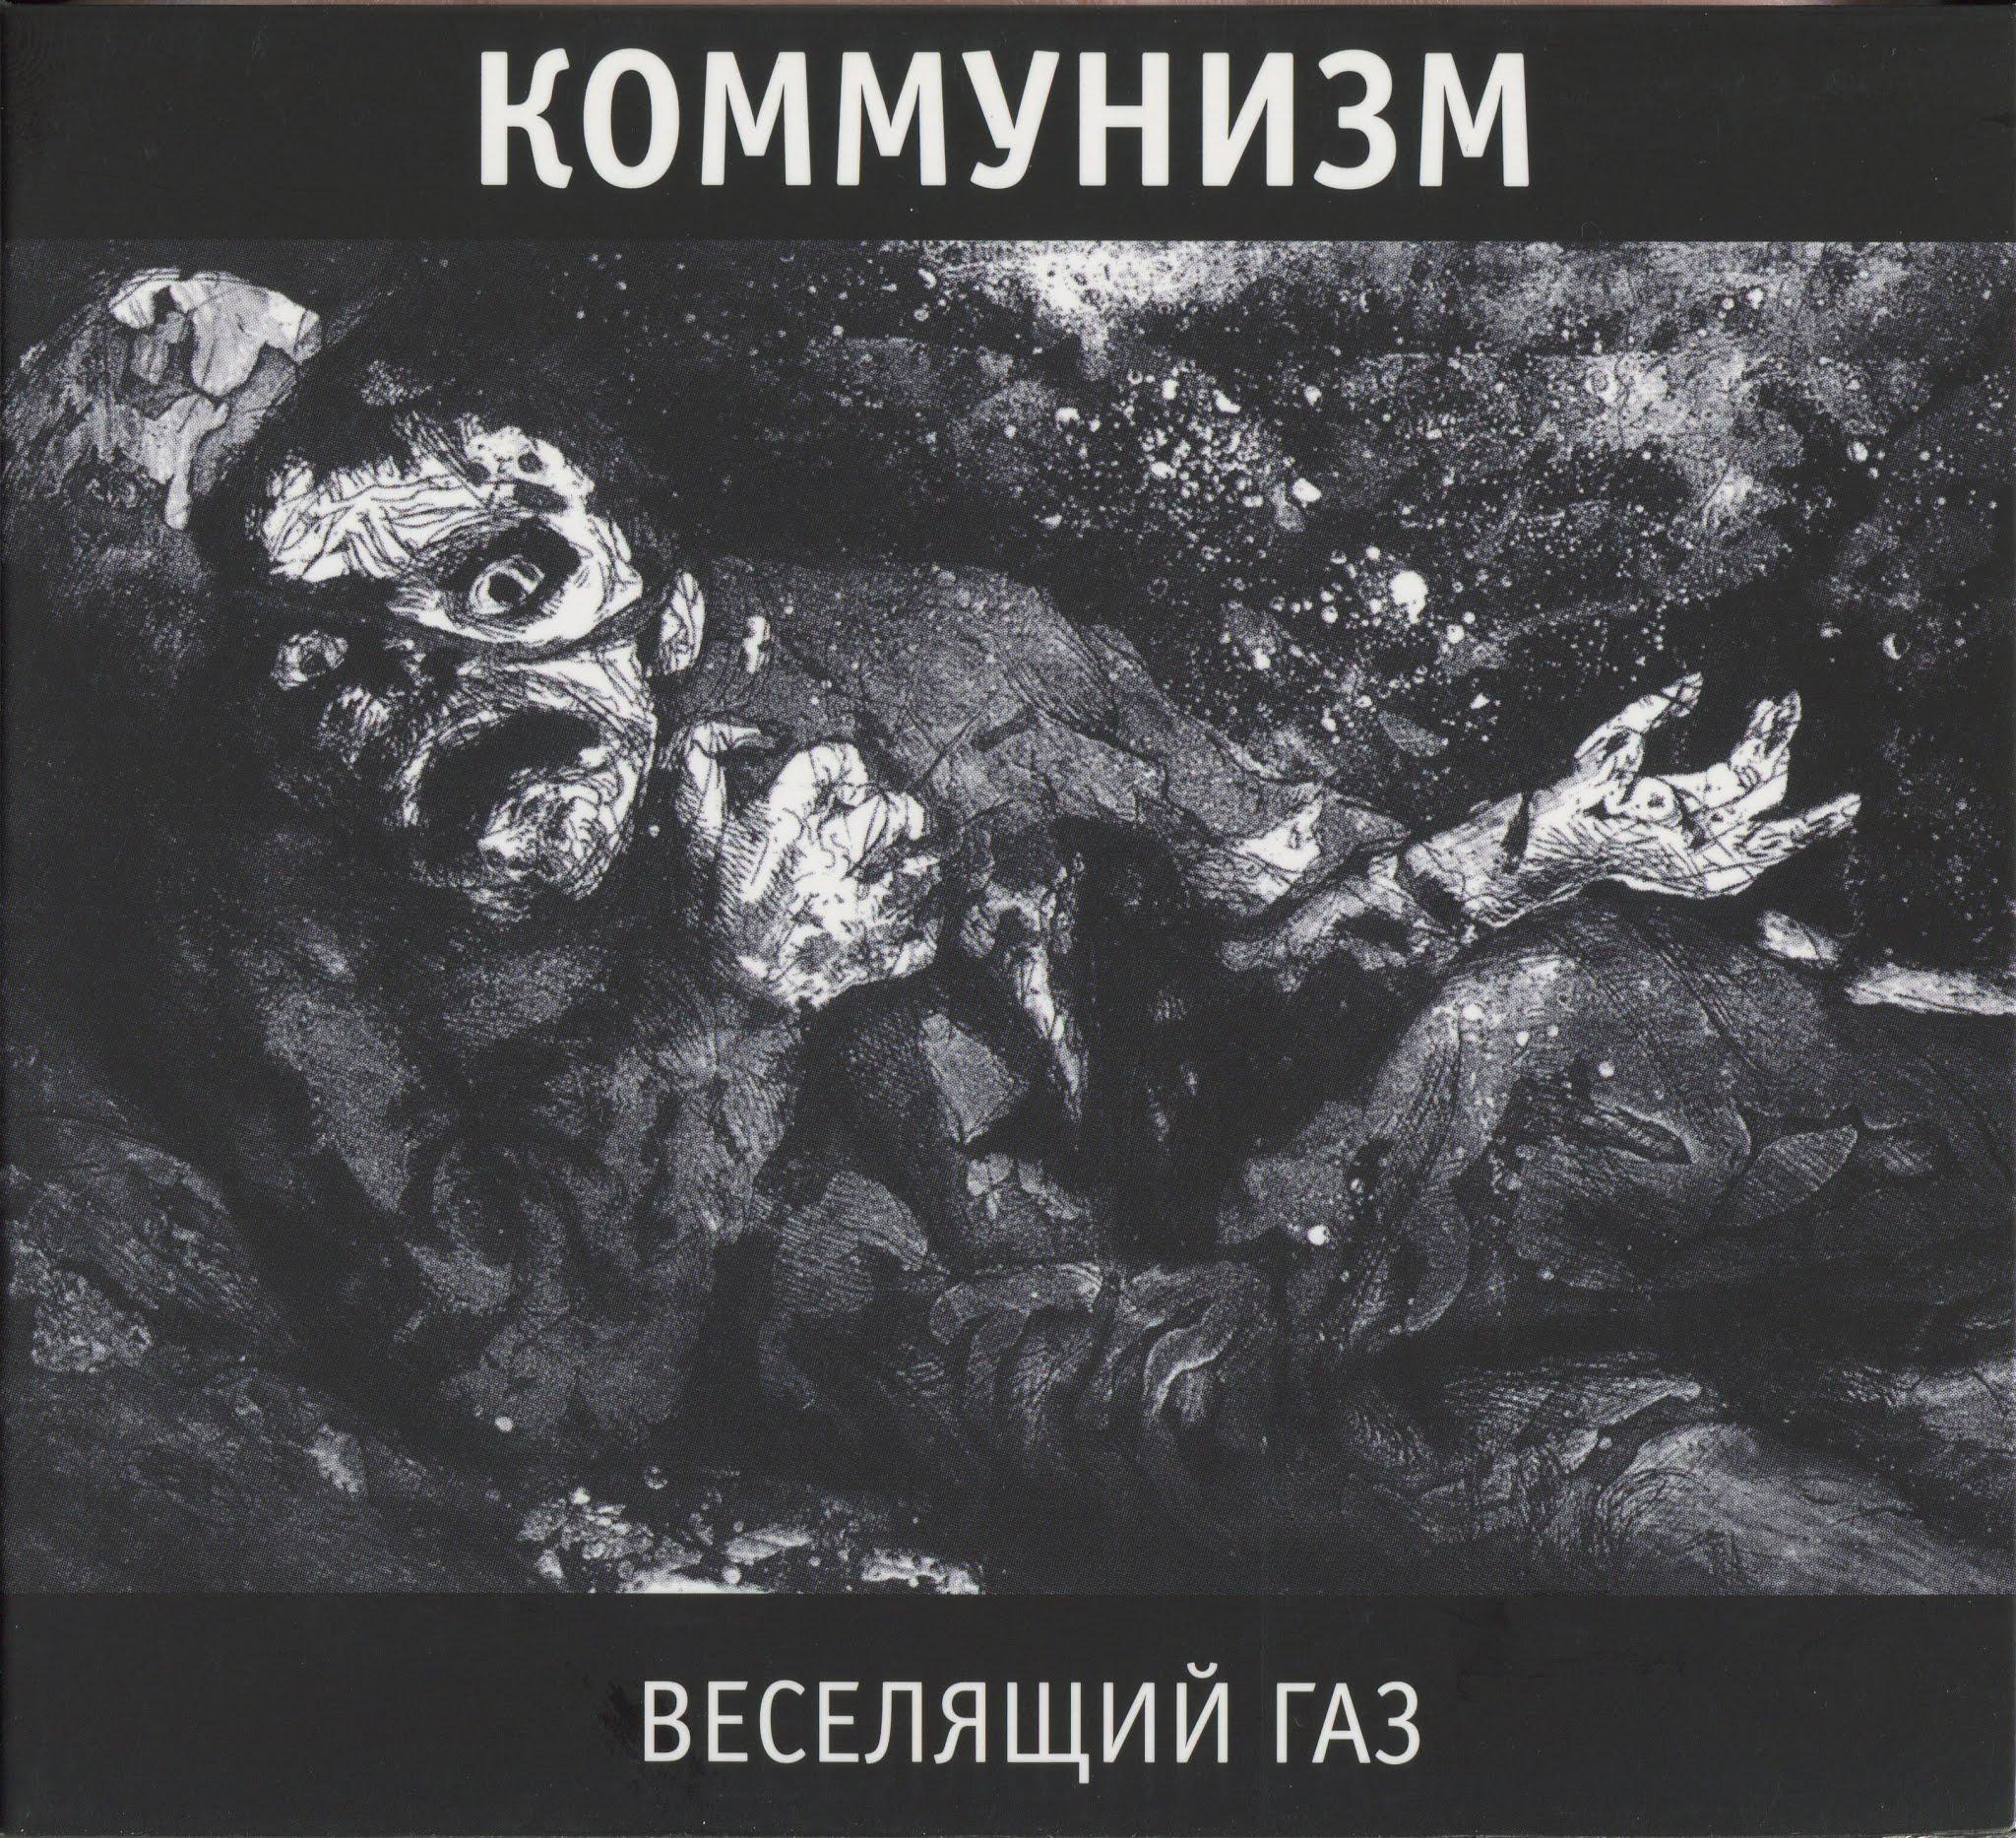 Коммунизм — Веселящий газ (1989)